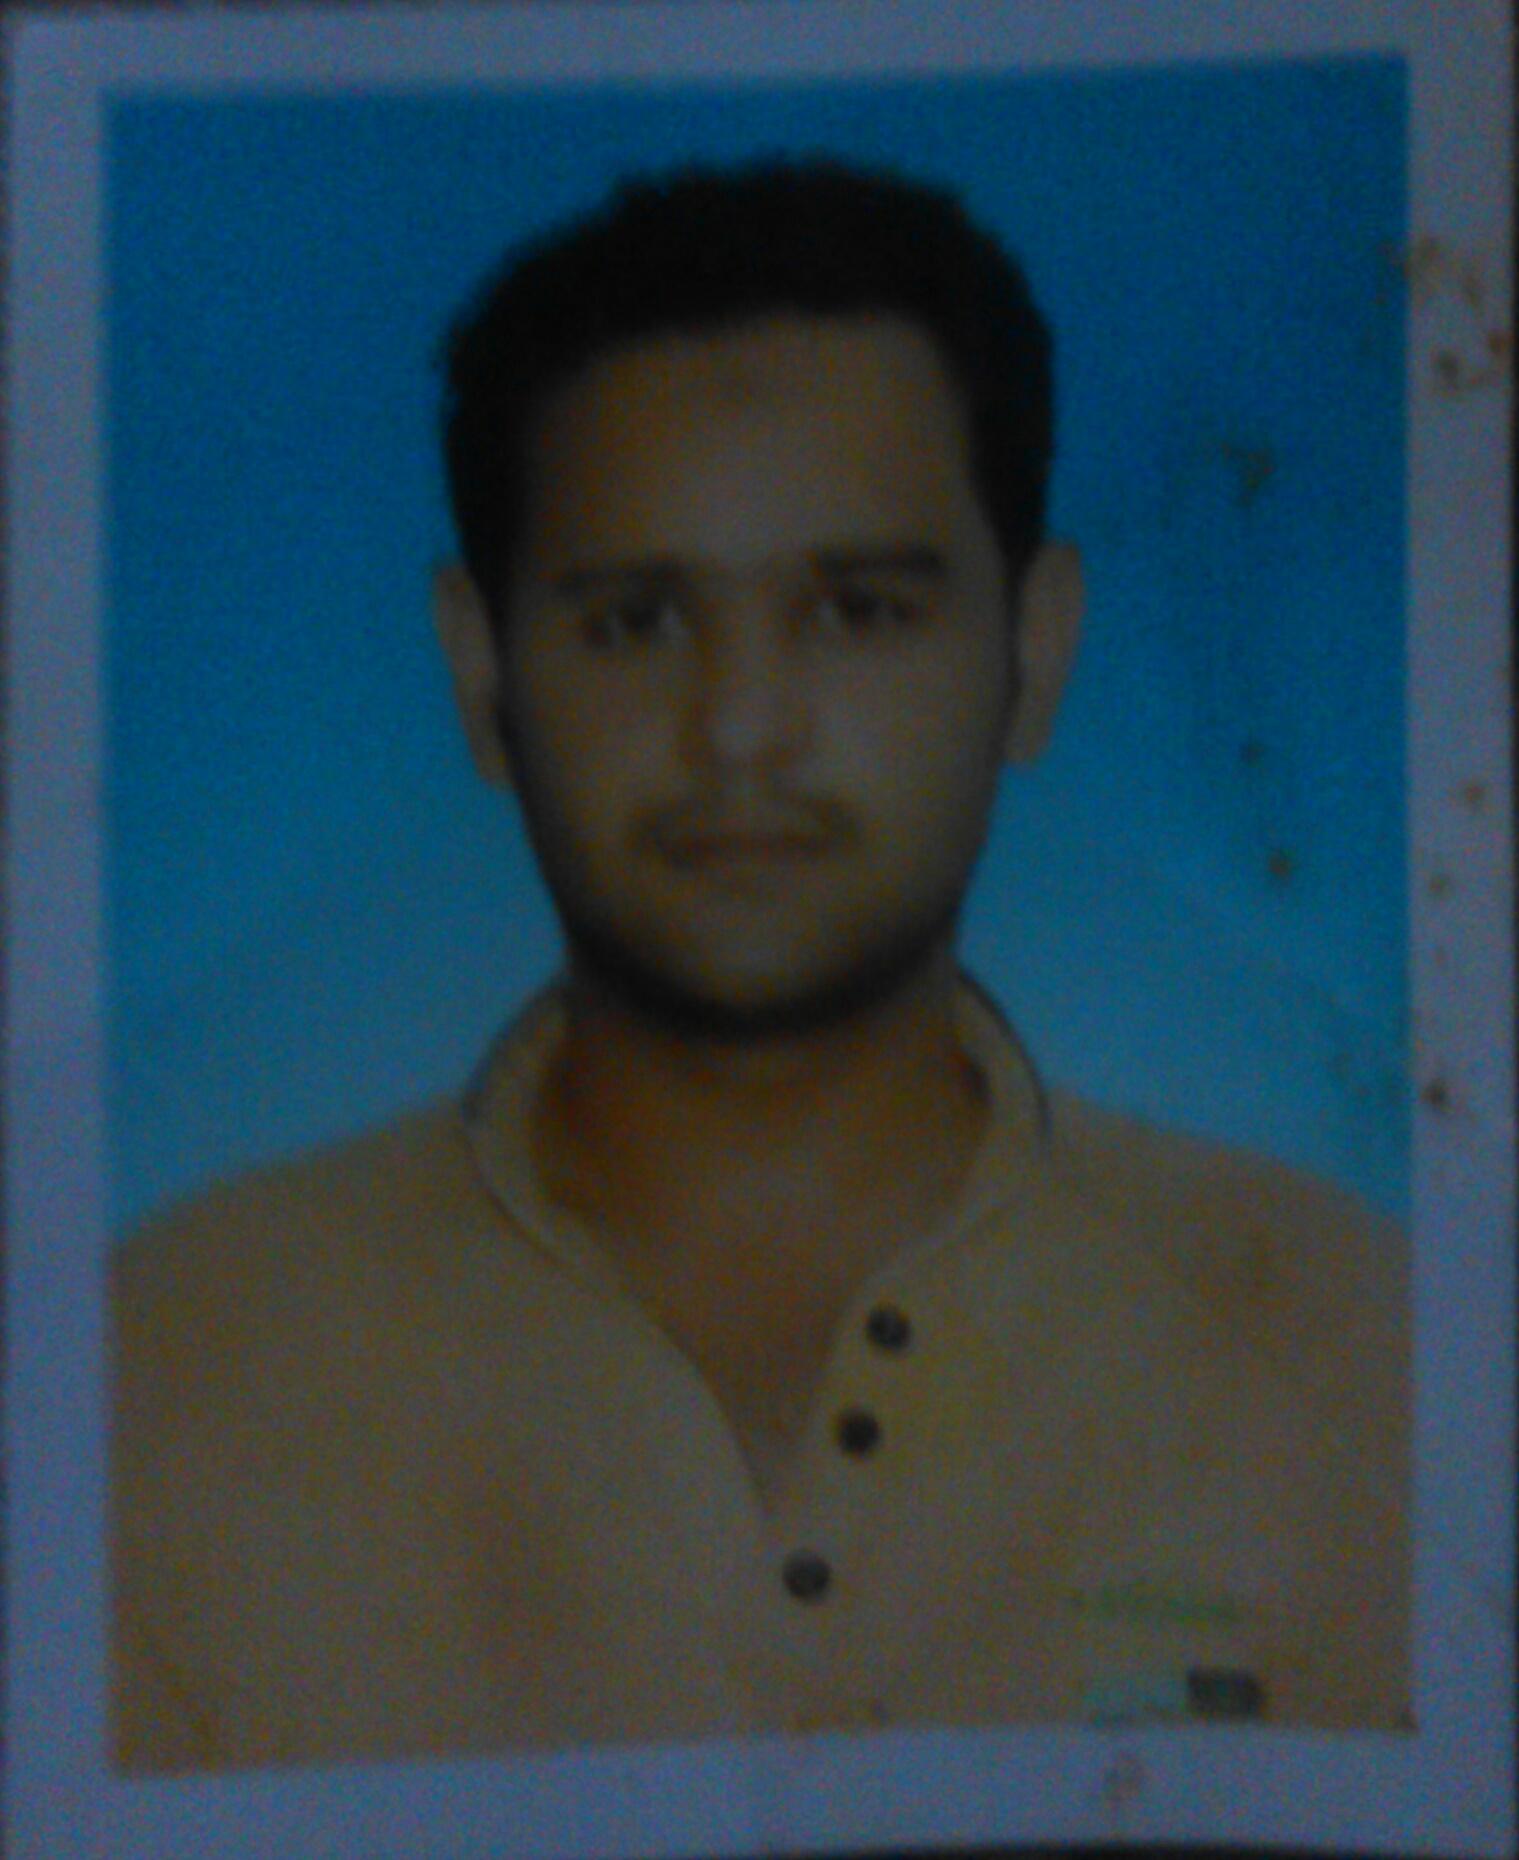 Zeeshan Arshad Electrical Engineering